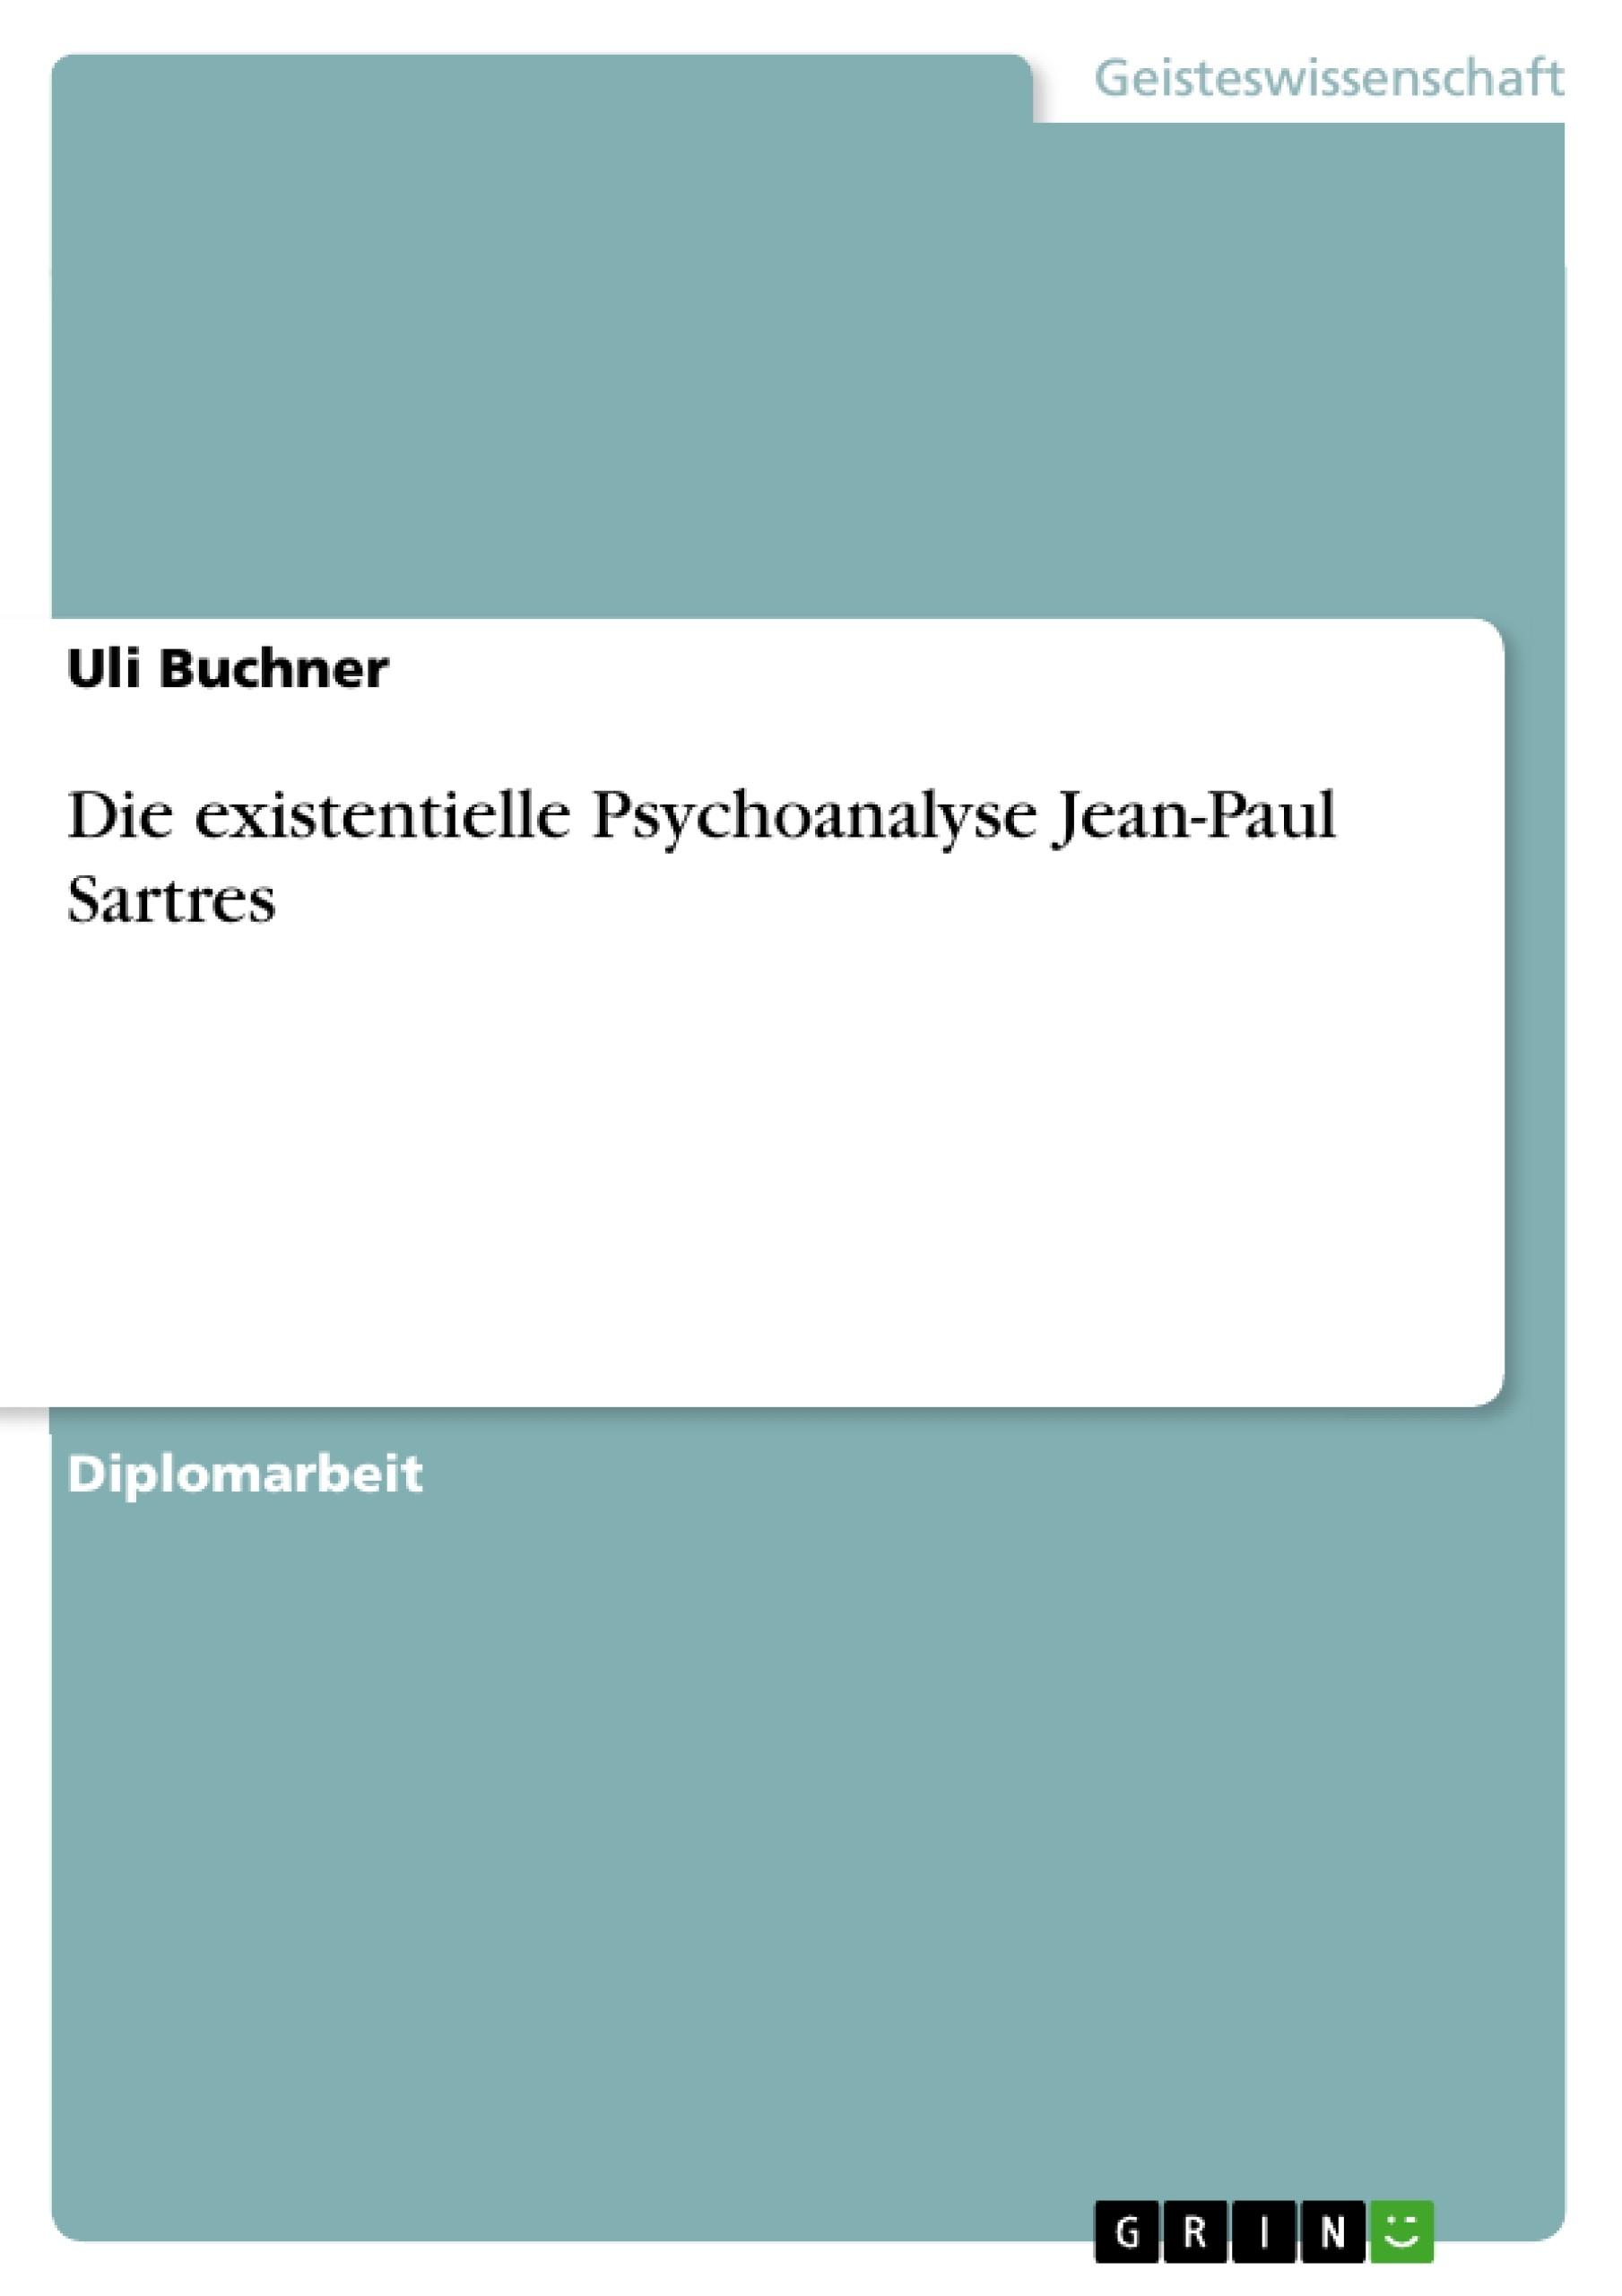 Titel: Die existentielle Psychoanalyse Jean-Paul Sartres